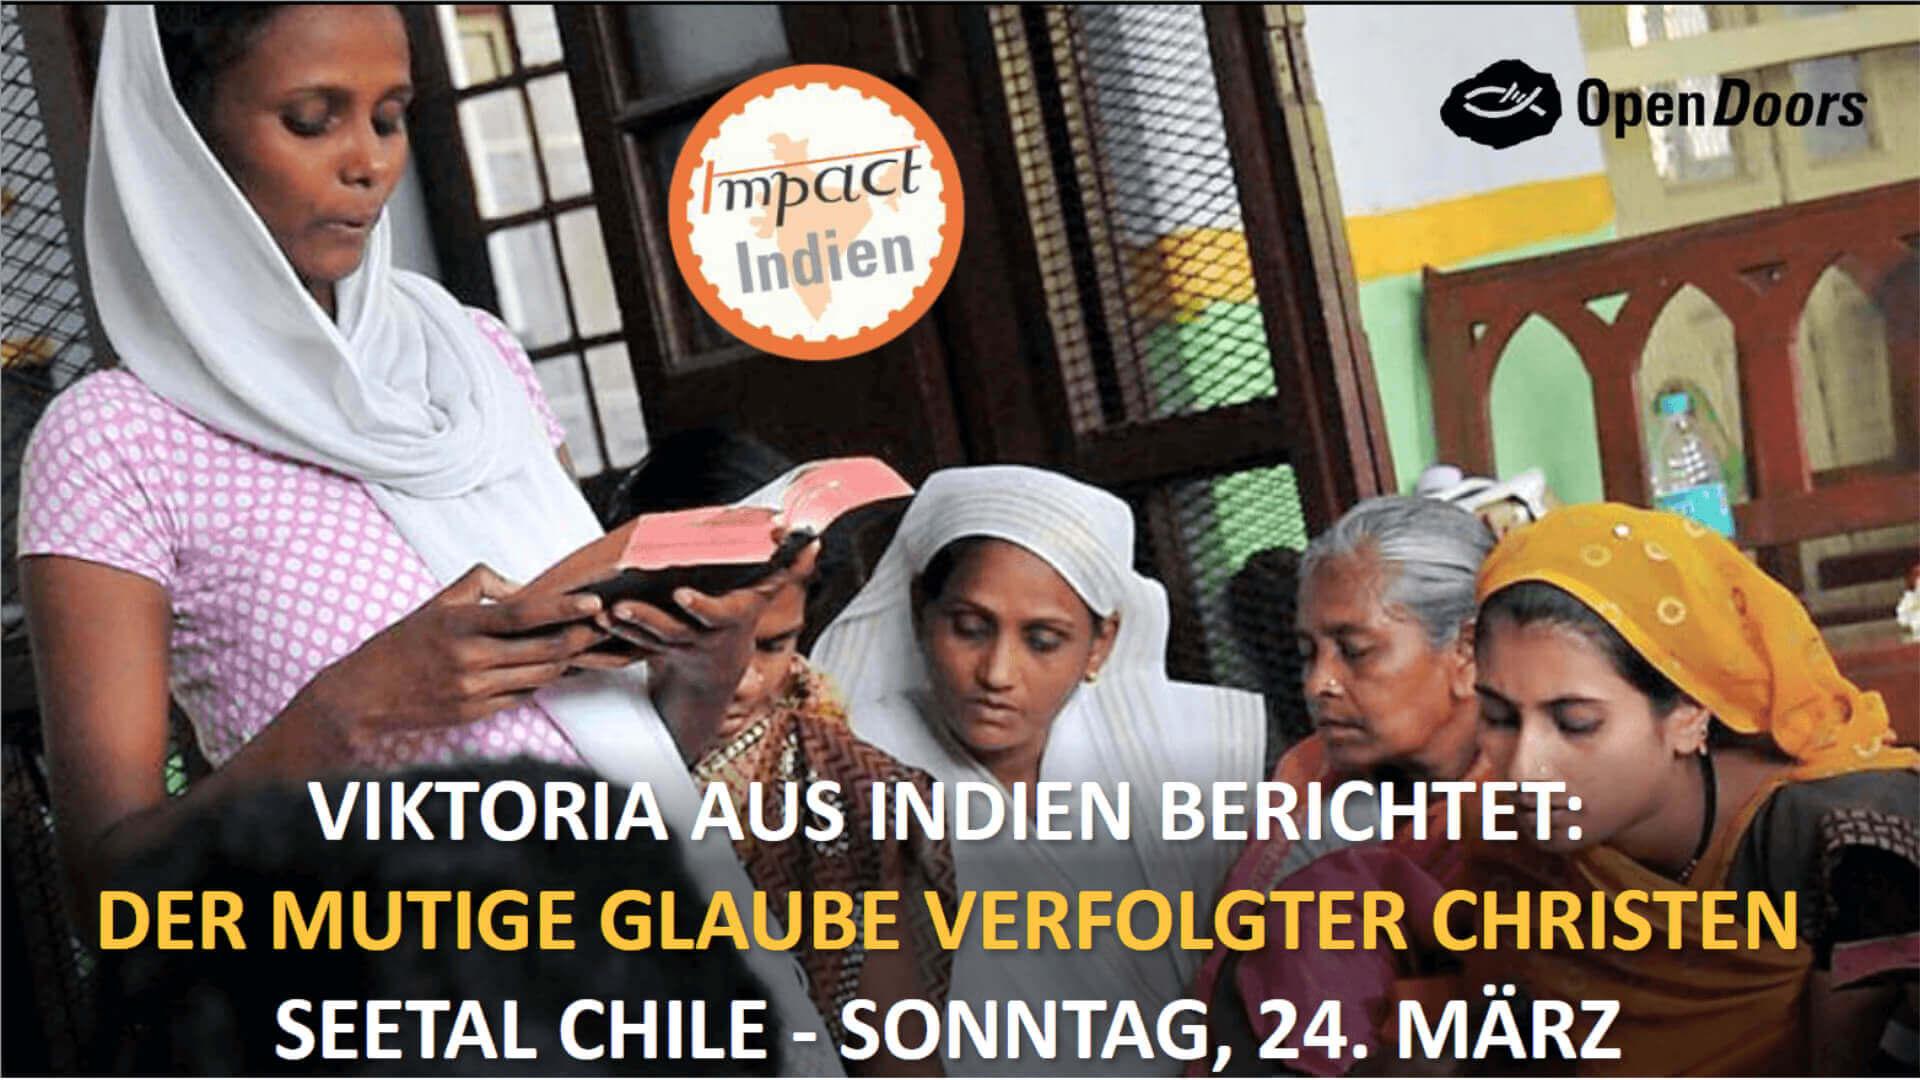 Indien_Mutiger-Glaube-verfolgter-Christen